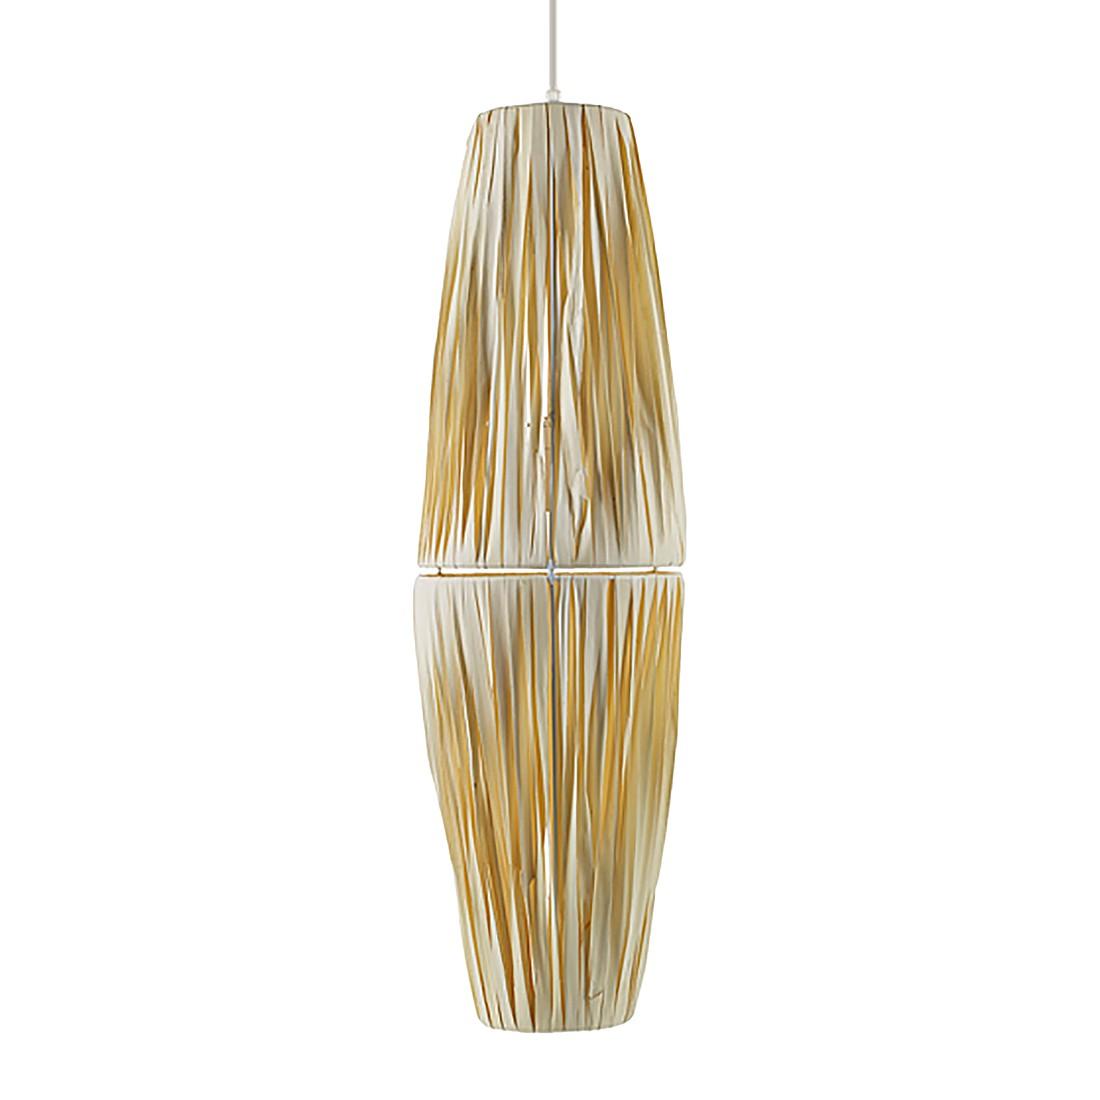 Pendelleuchte Palme Oval – 1-flammig, Serax günstig kaufen